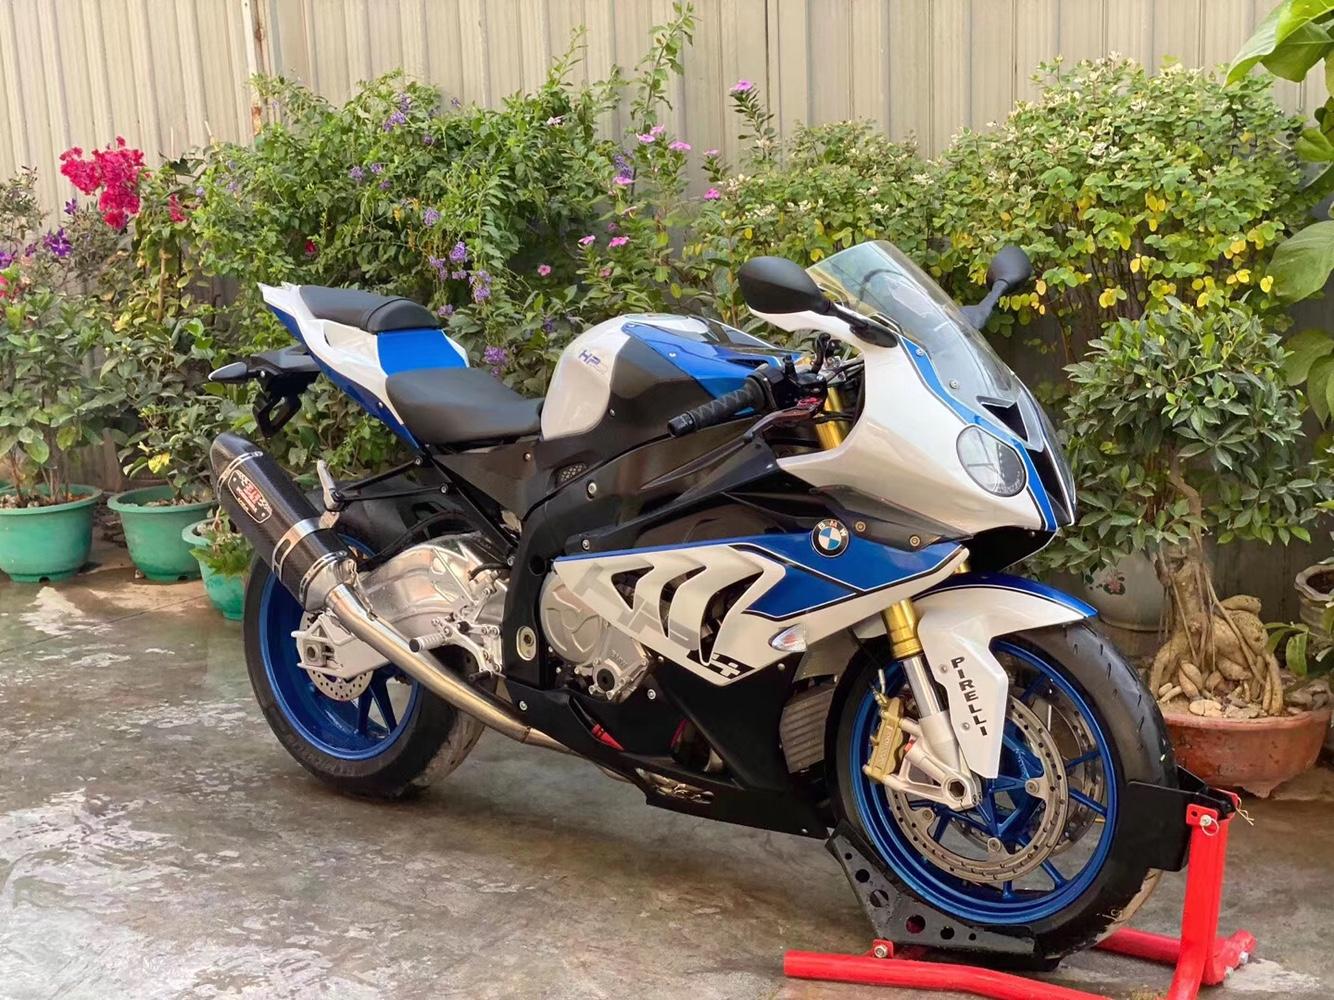 二手进口国产宝马400CC跑车摩托车重型机车S1000趴赛电喷四缸水冷